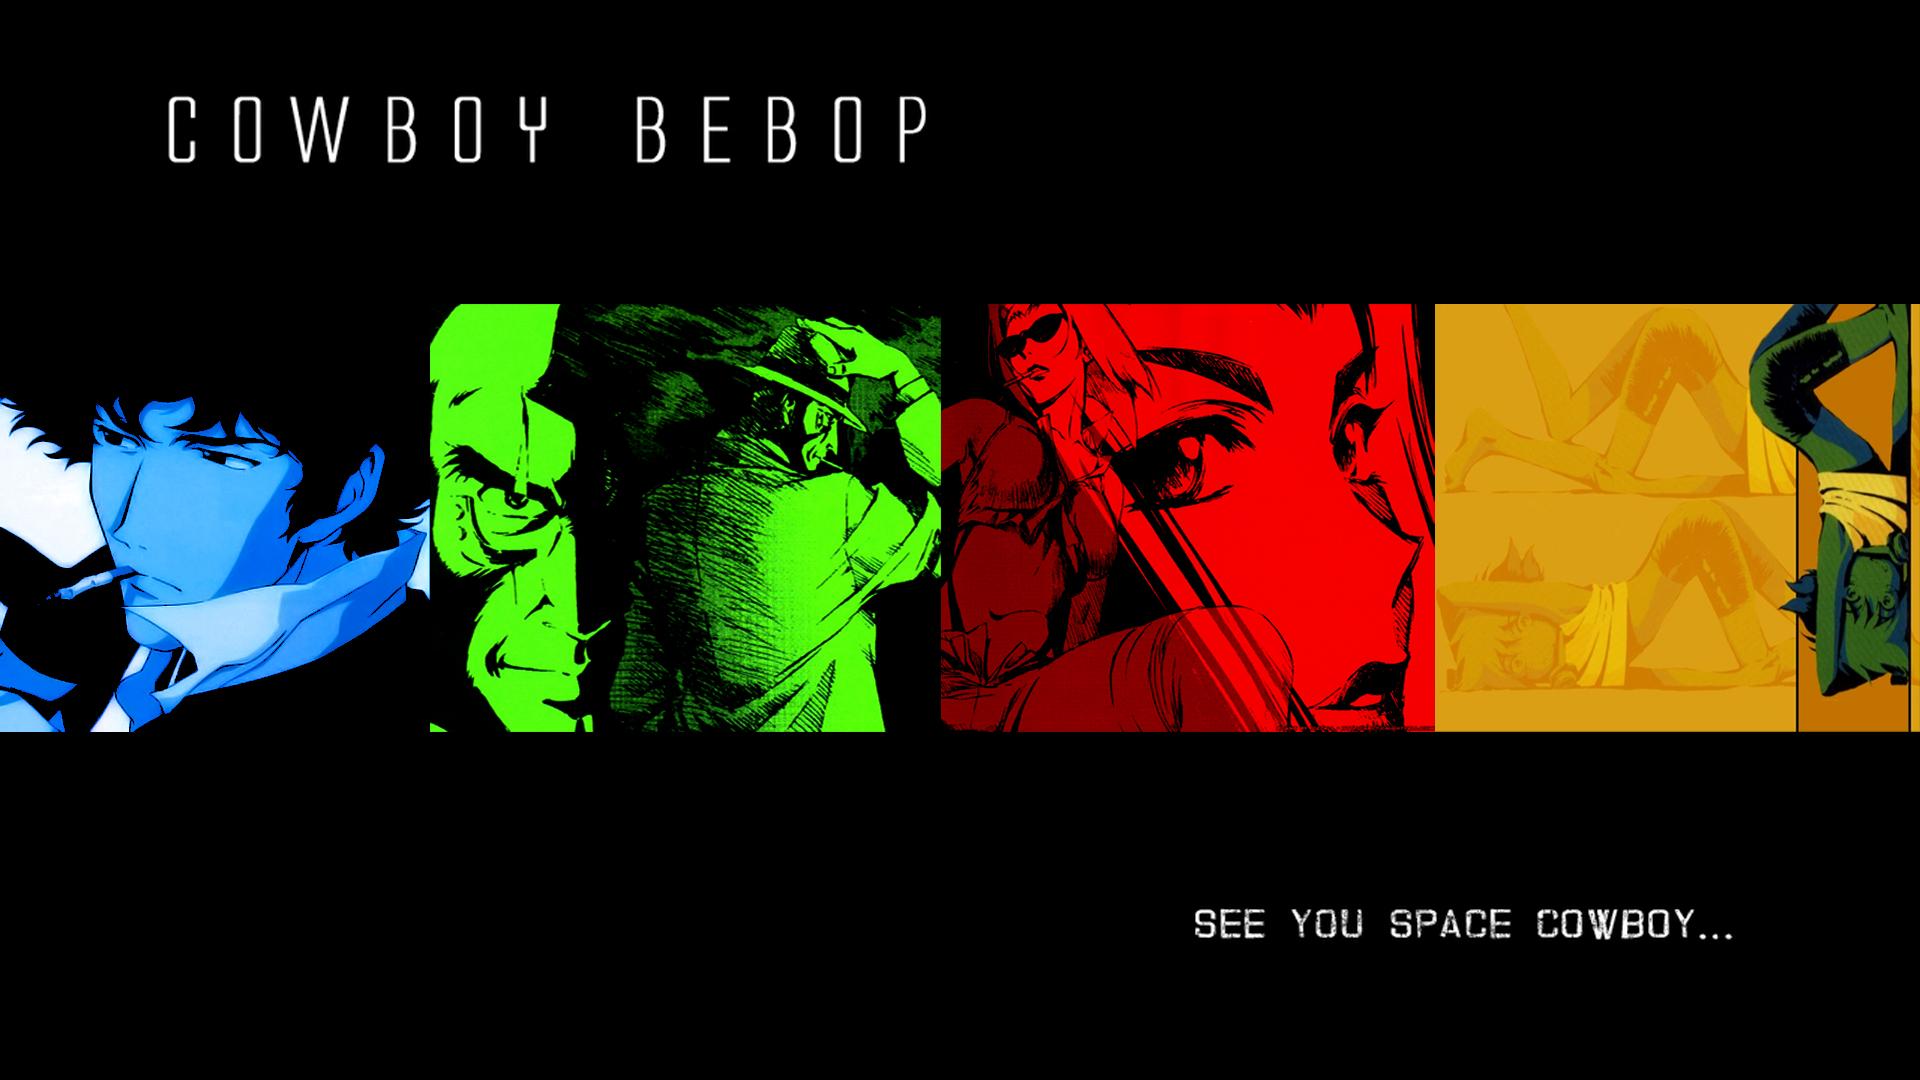 Download Cowboy Bebop Wallpaper 1920x1080 Wallpoper 265246 1920x1080